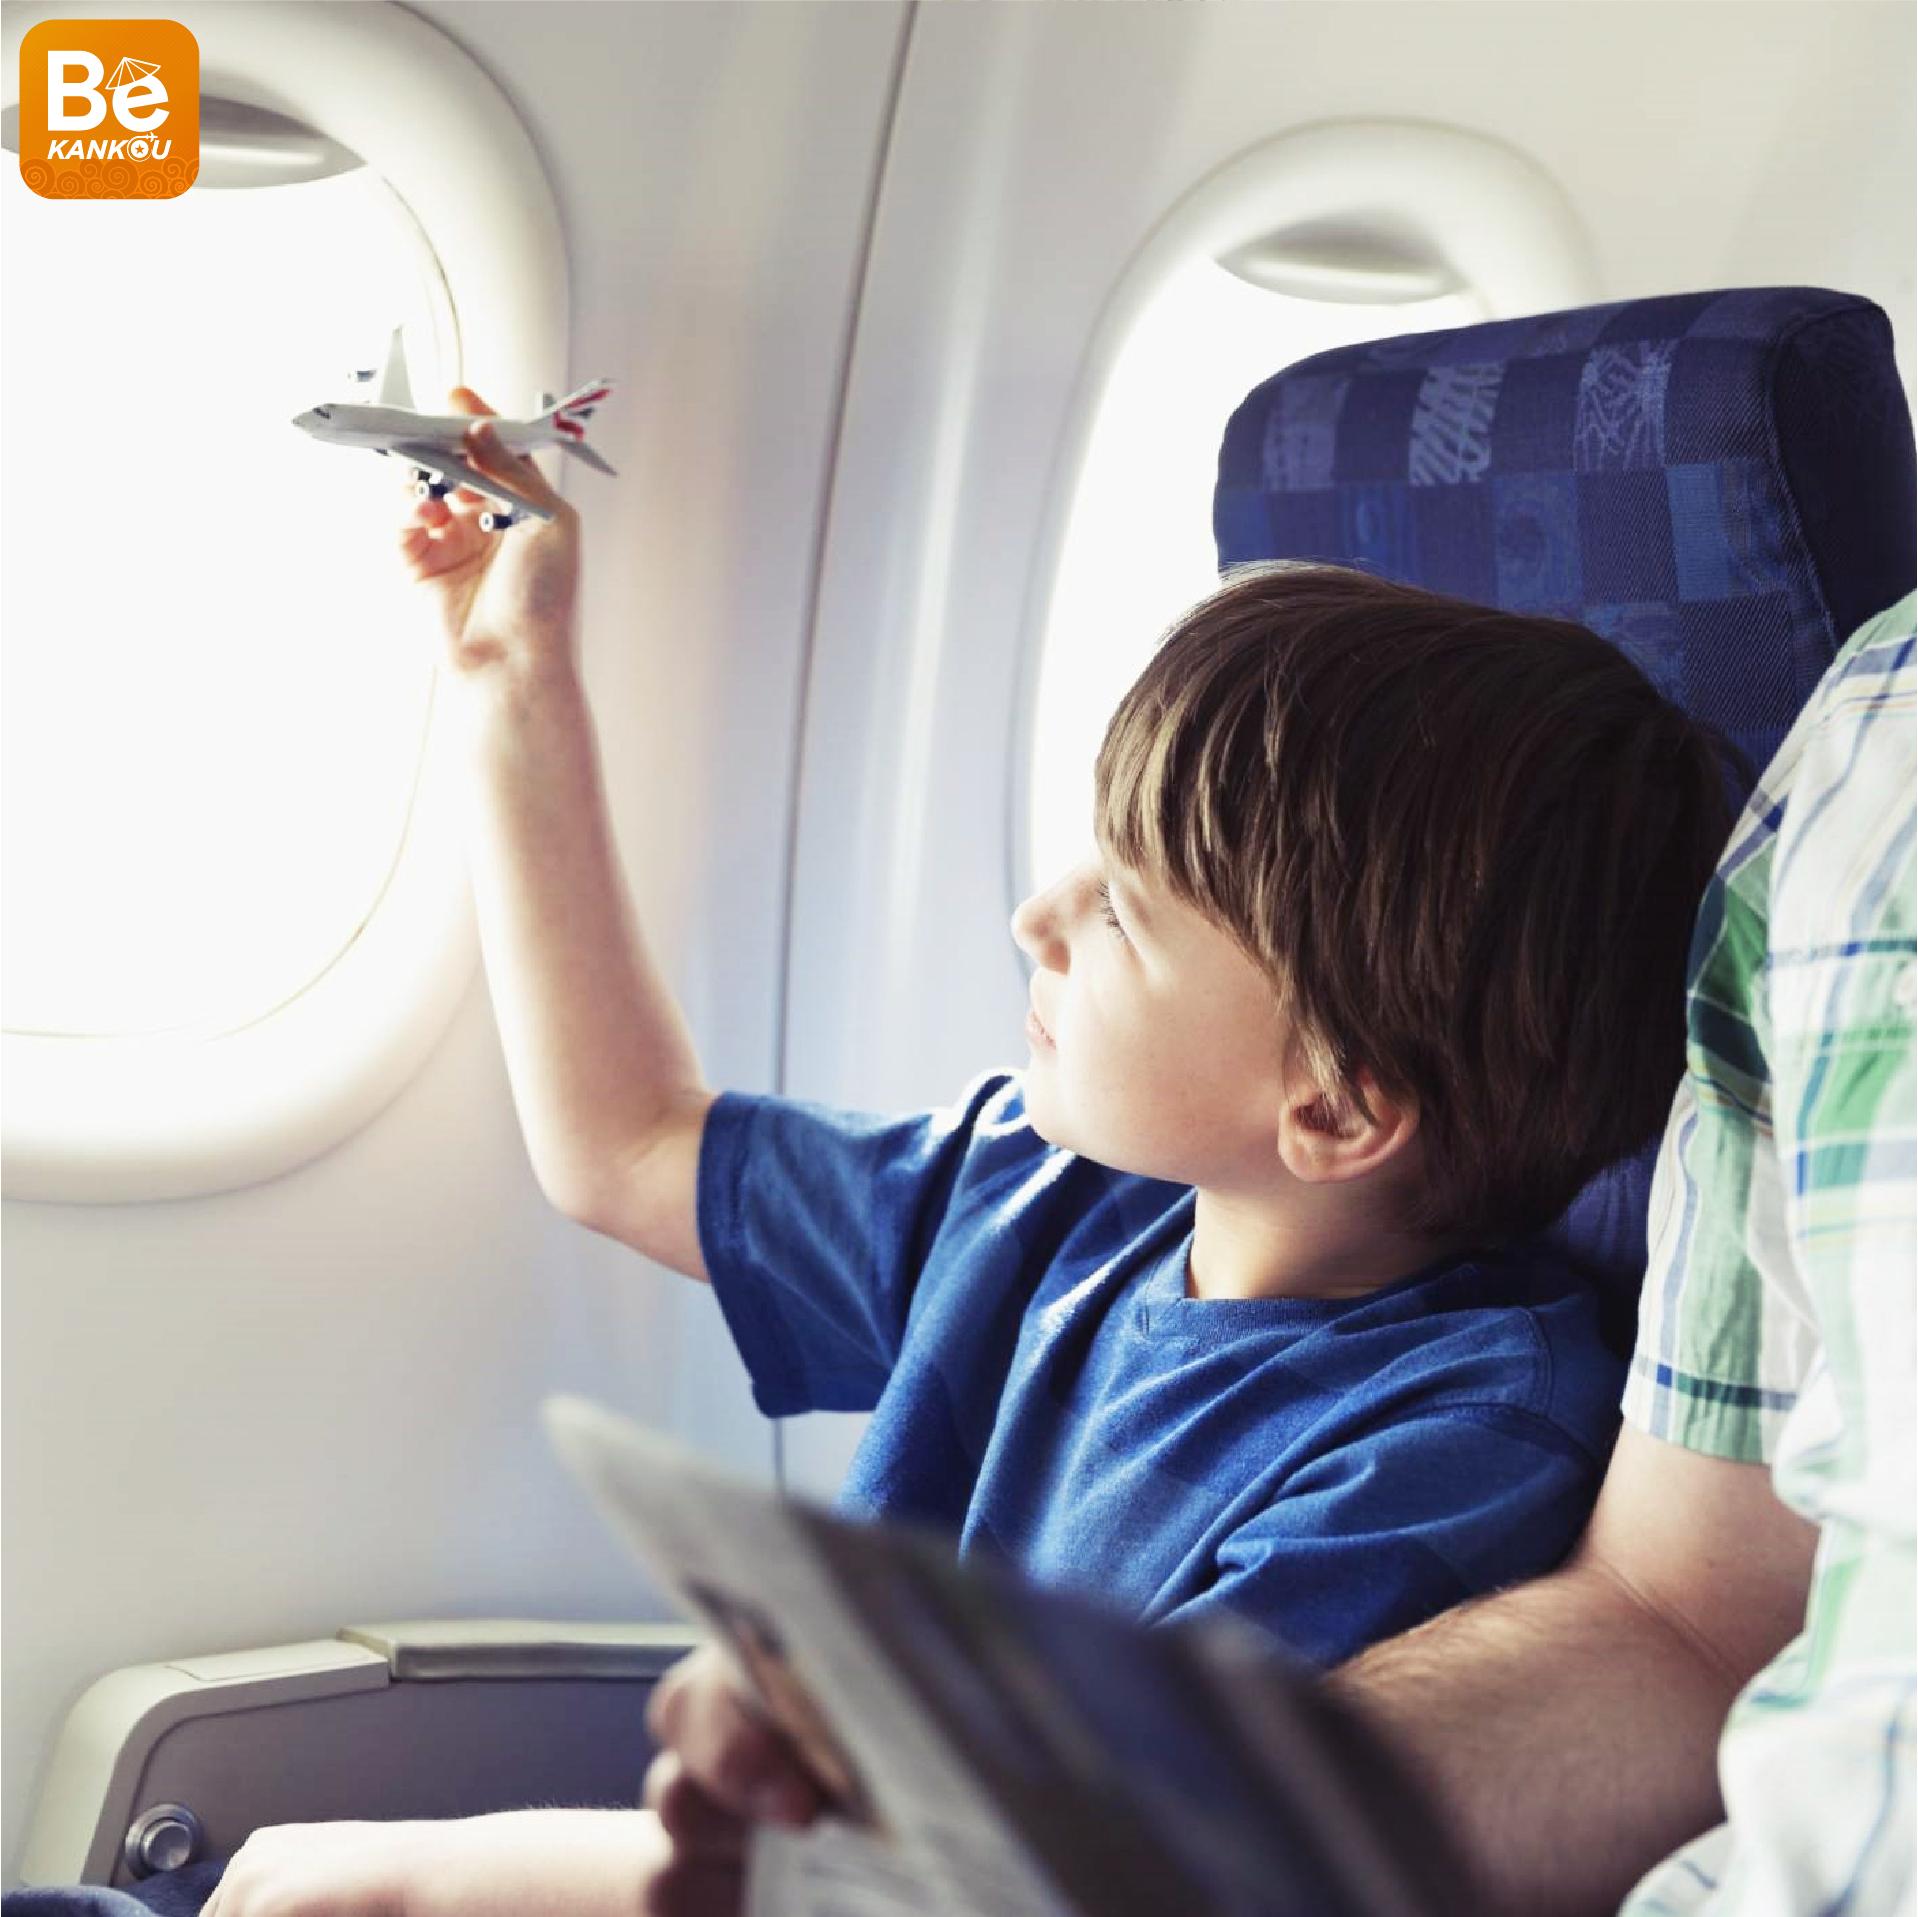 子供連れの旅行を容易にする有利なお勧め7選